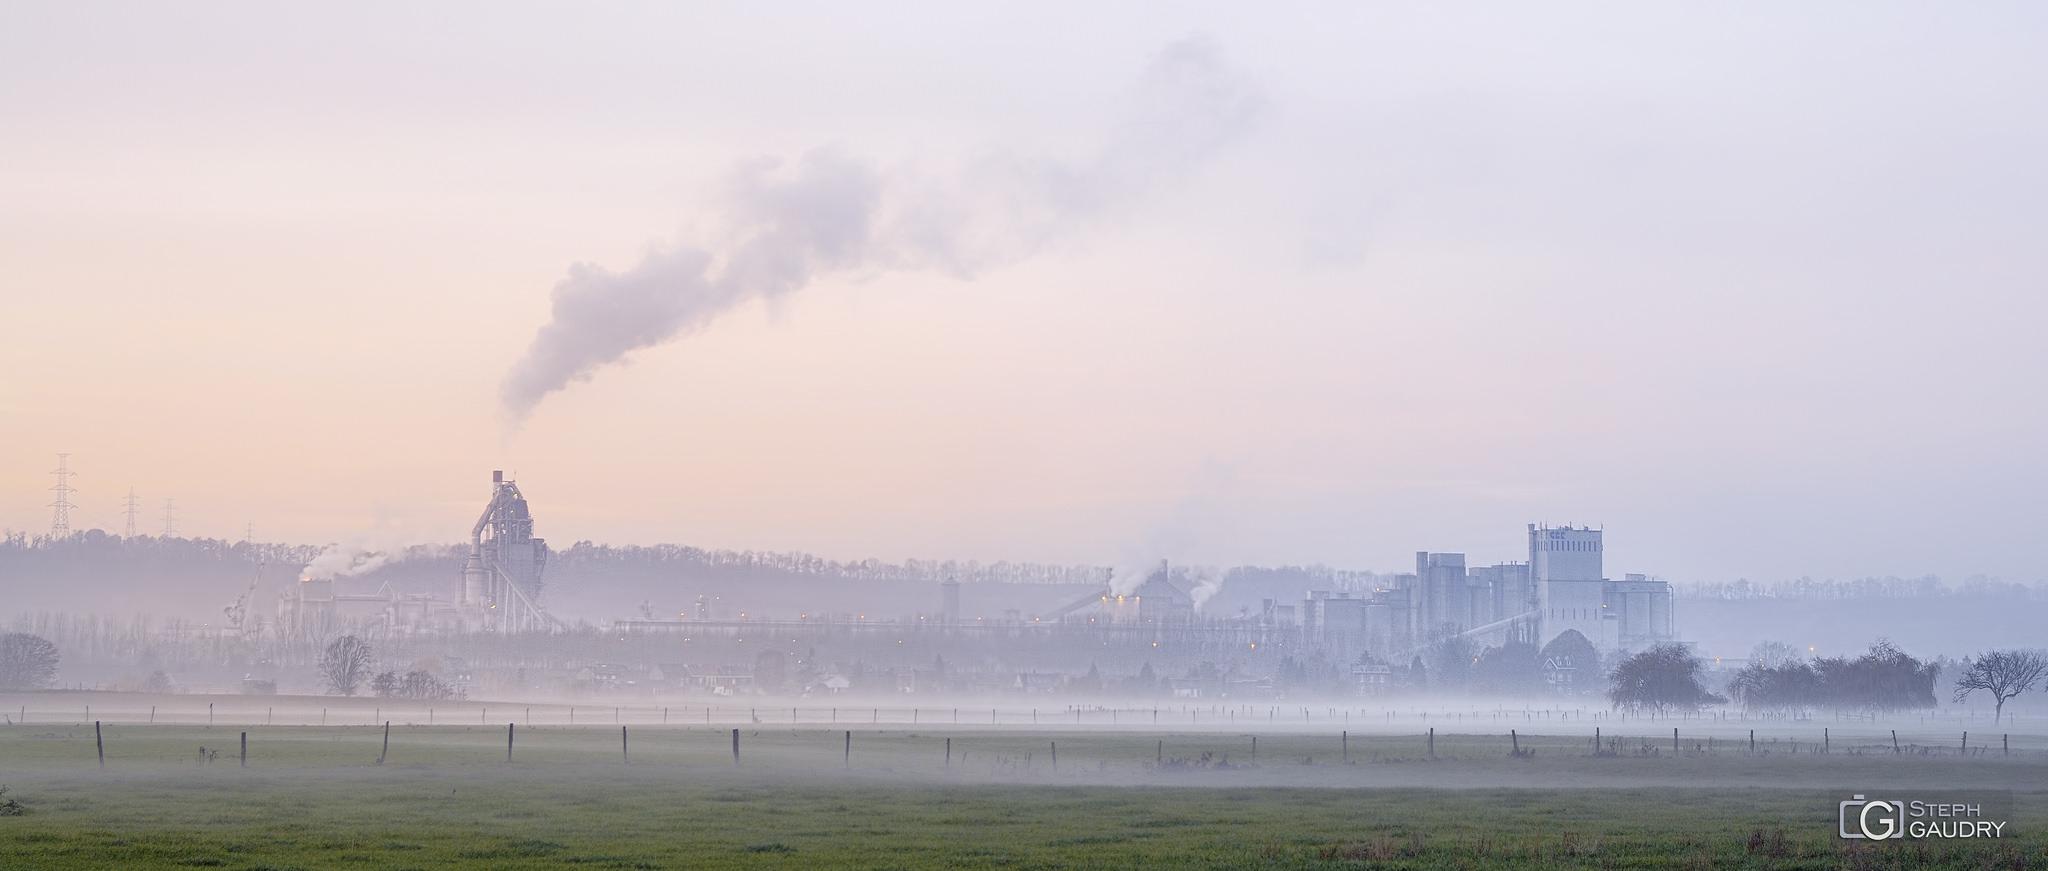 Visé, les industries CBC dans le brouillard [Klik om de diavoorstelling te starten]